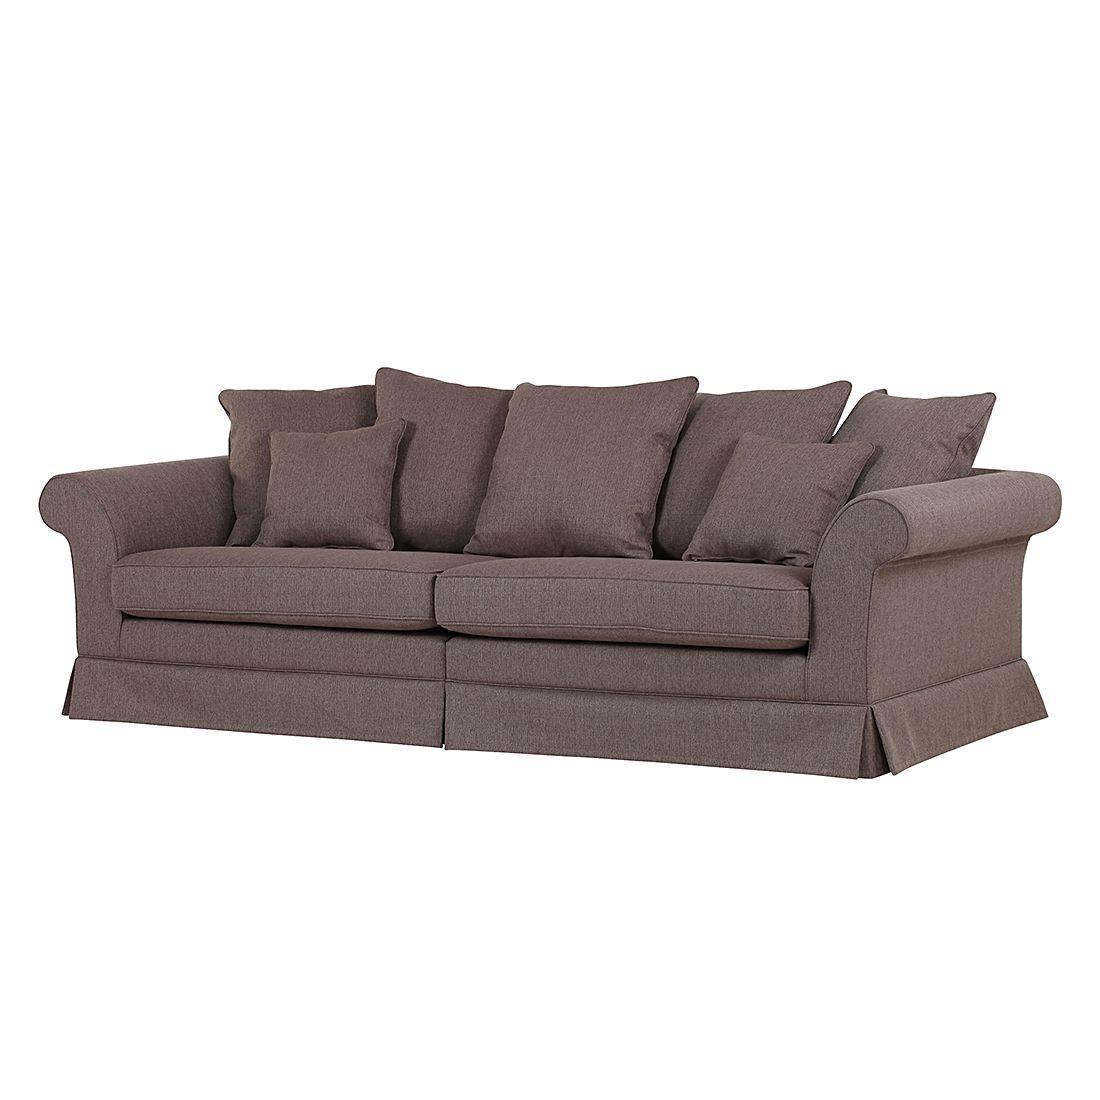 sofa campagne 3 sitzer webstoff sand ridgevalley. Black Bedroom Furniture Sets. Home Design Ideas